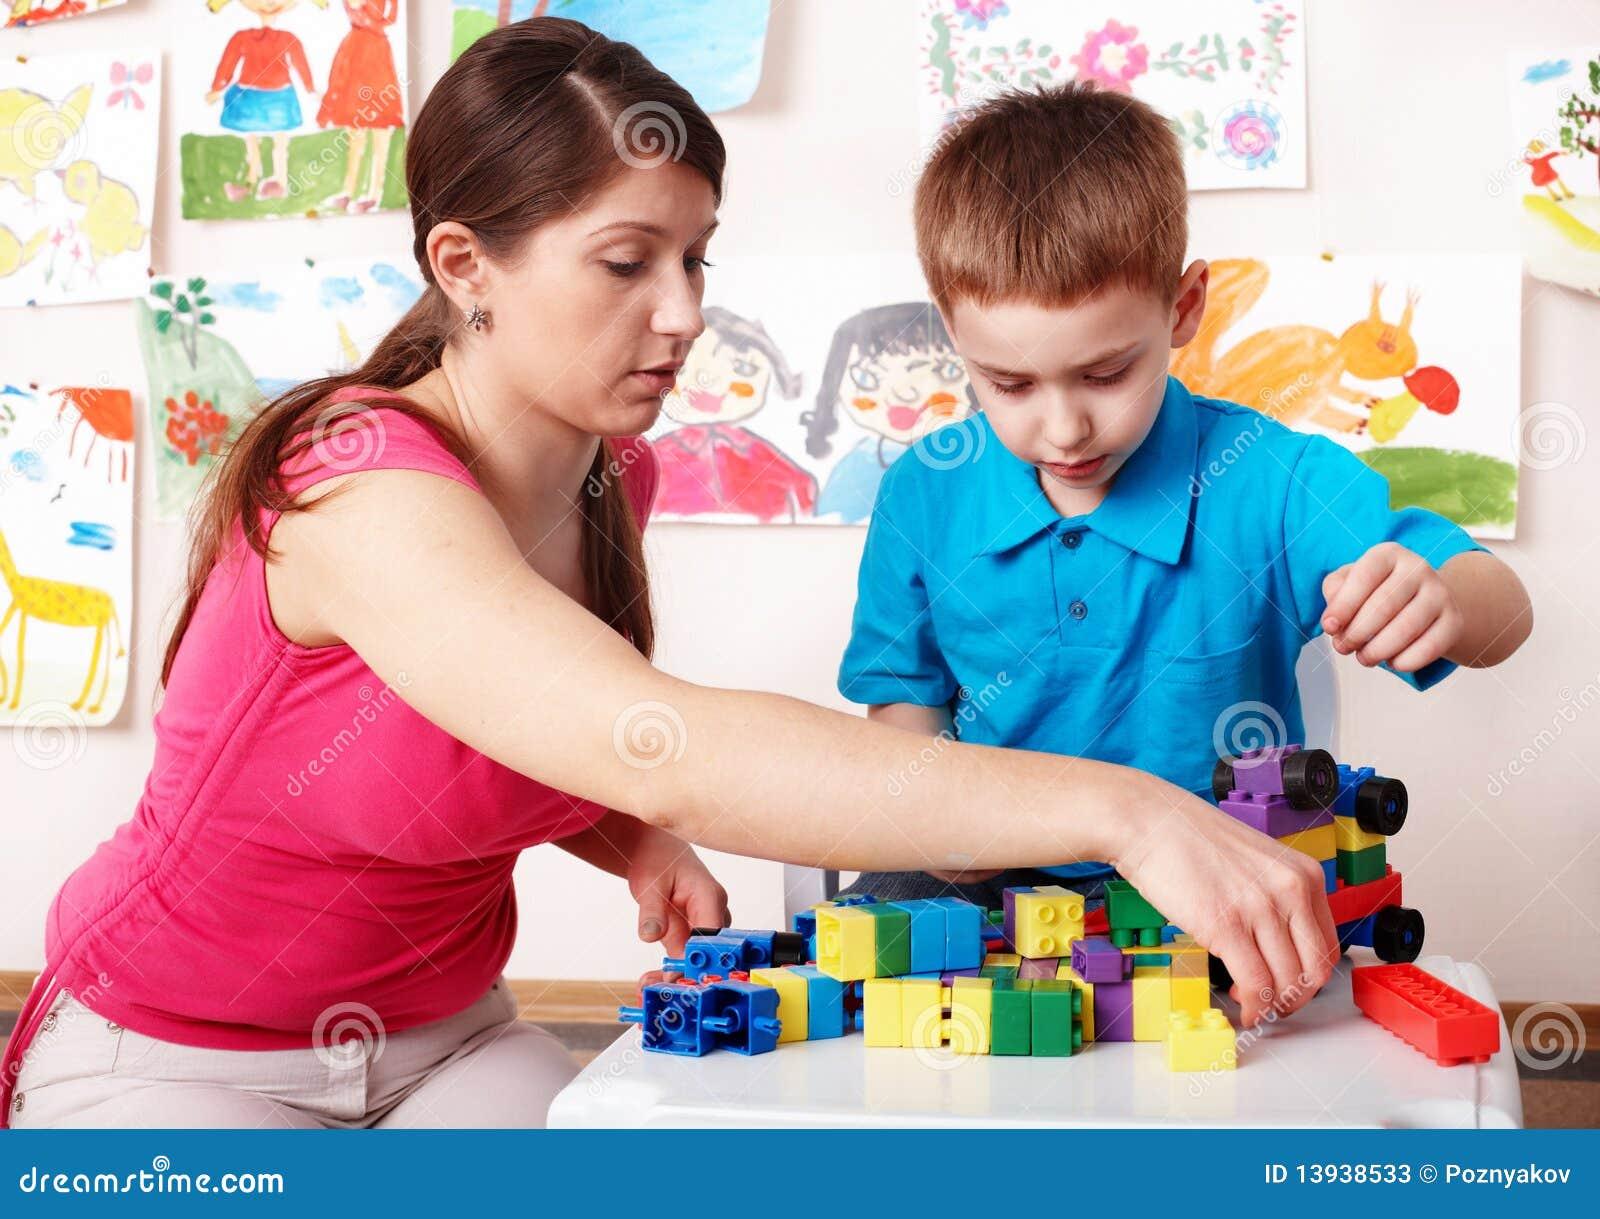 Criança com construção no quarto do jogo.